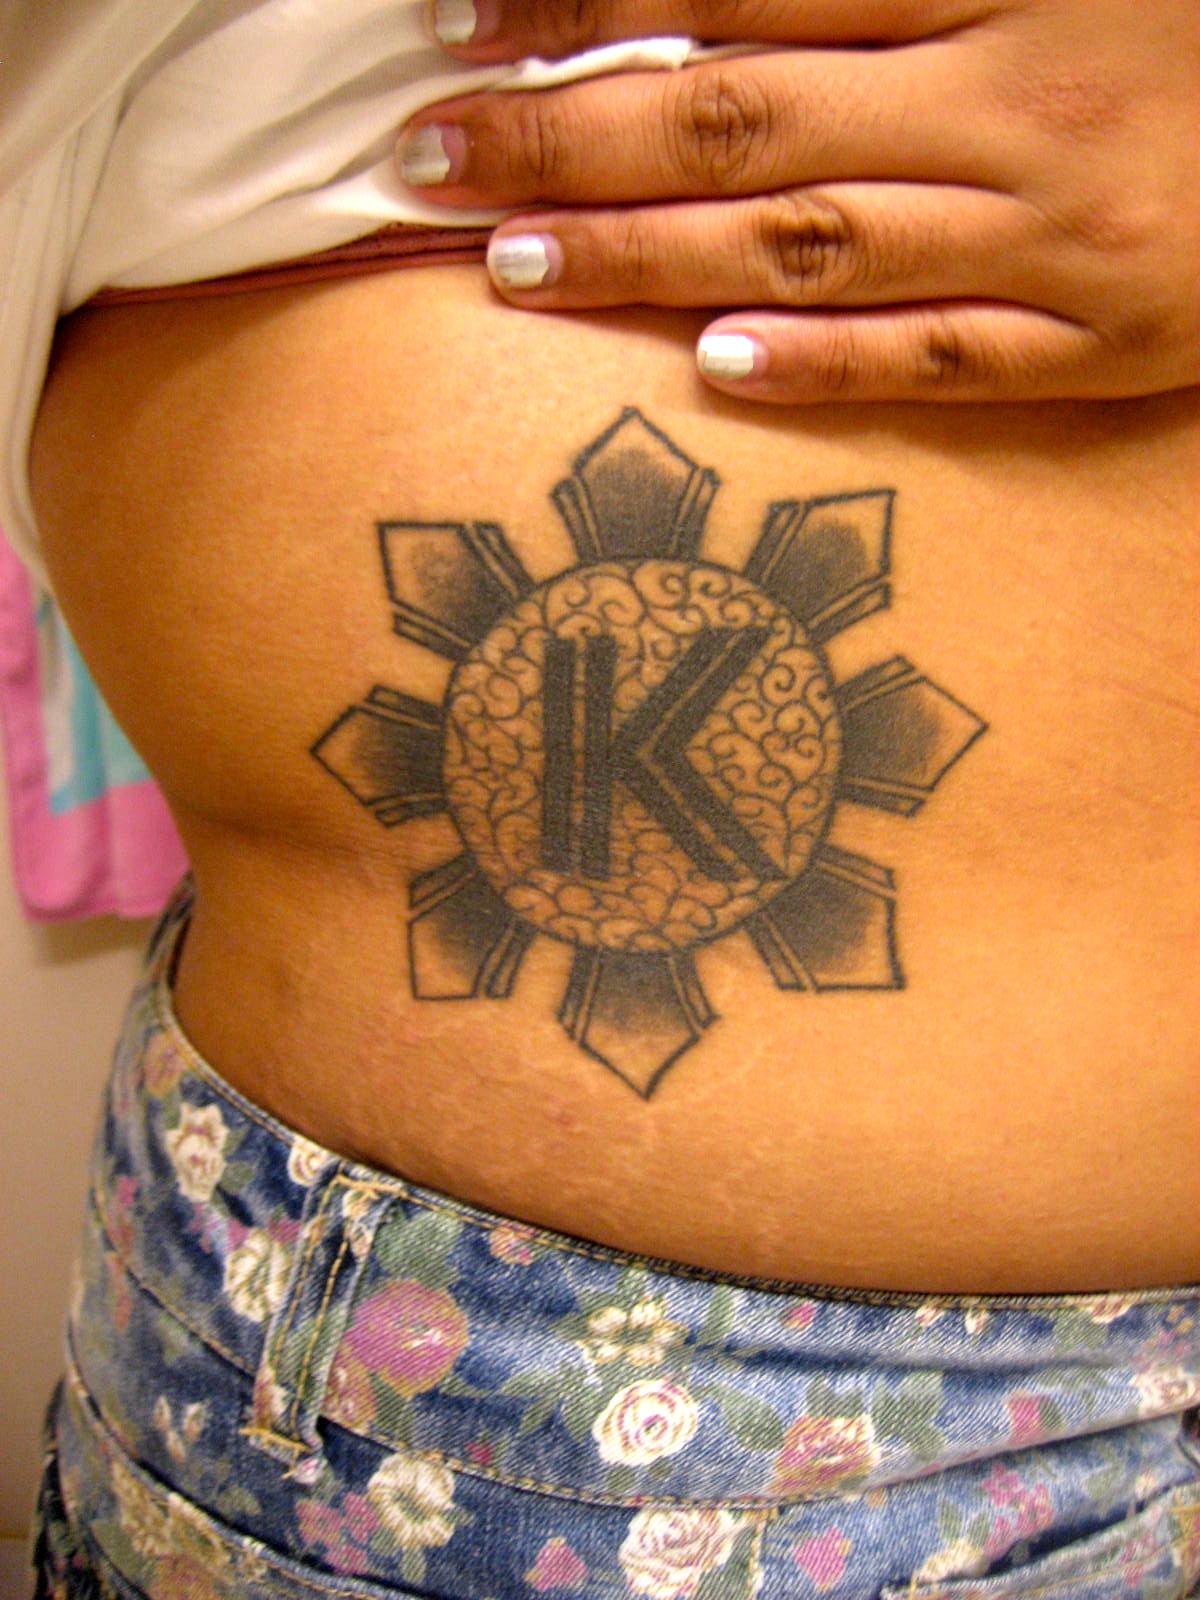 Tatouage de lettres entrelac es - Modele tatouage lettres entrelacees ...